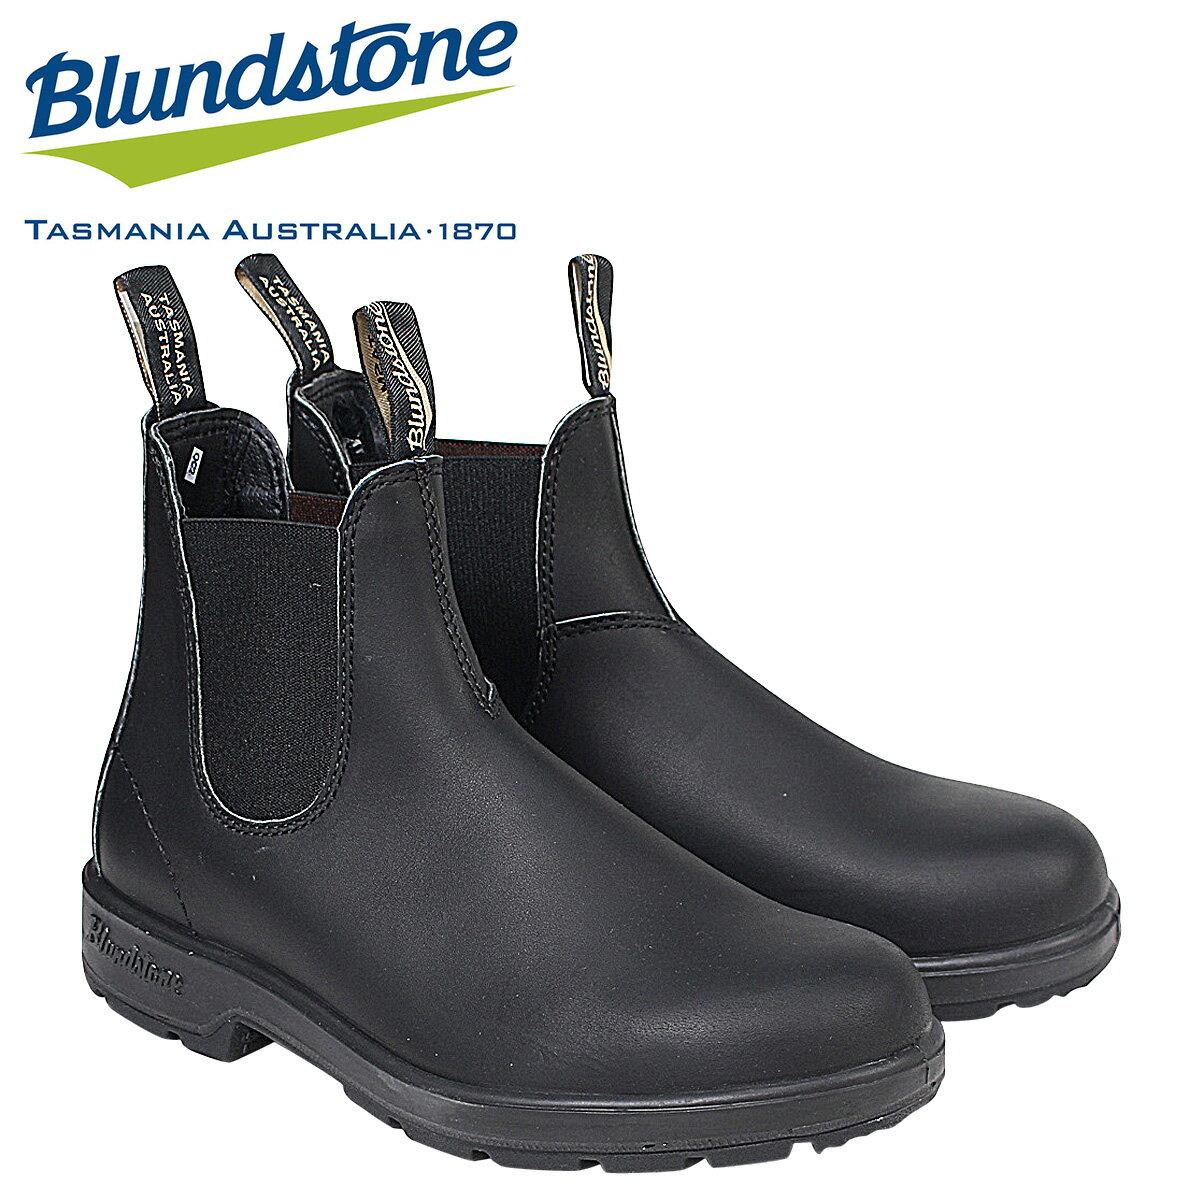 Blundstone DRESS V CUT BOOTS 510 ブランドストーン サイドゴア メンズ ブーツ ブラック